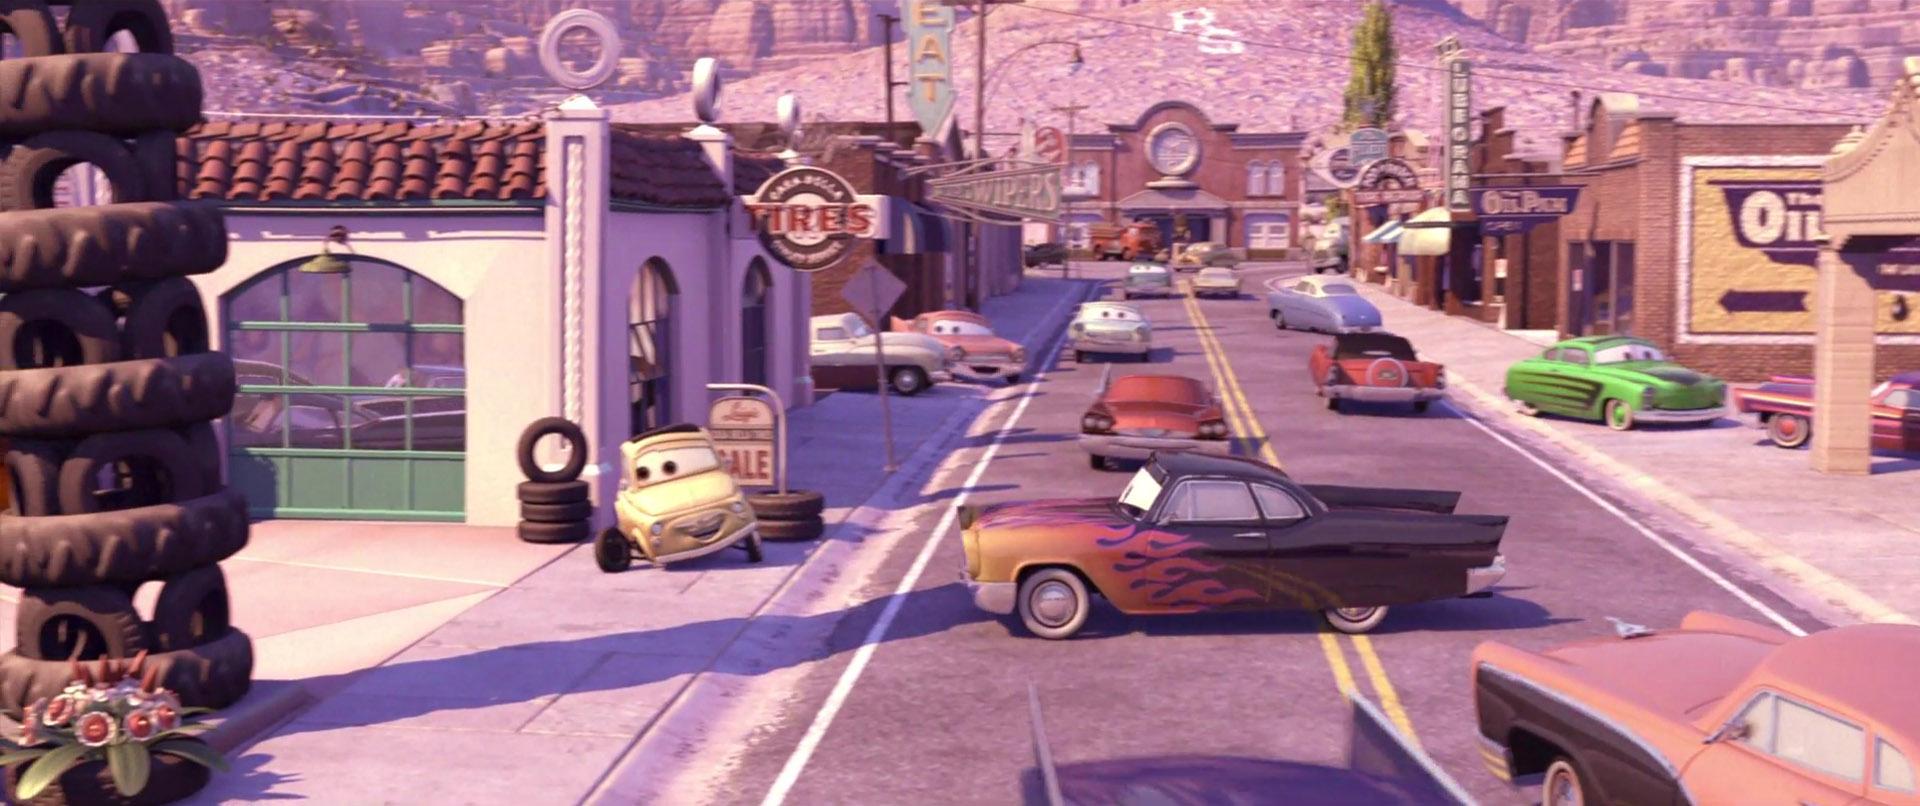 greta personnage character pixar disney cars